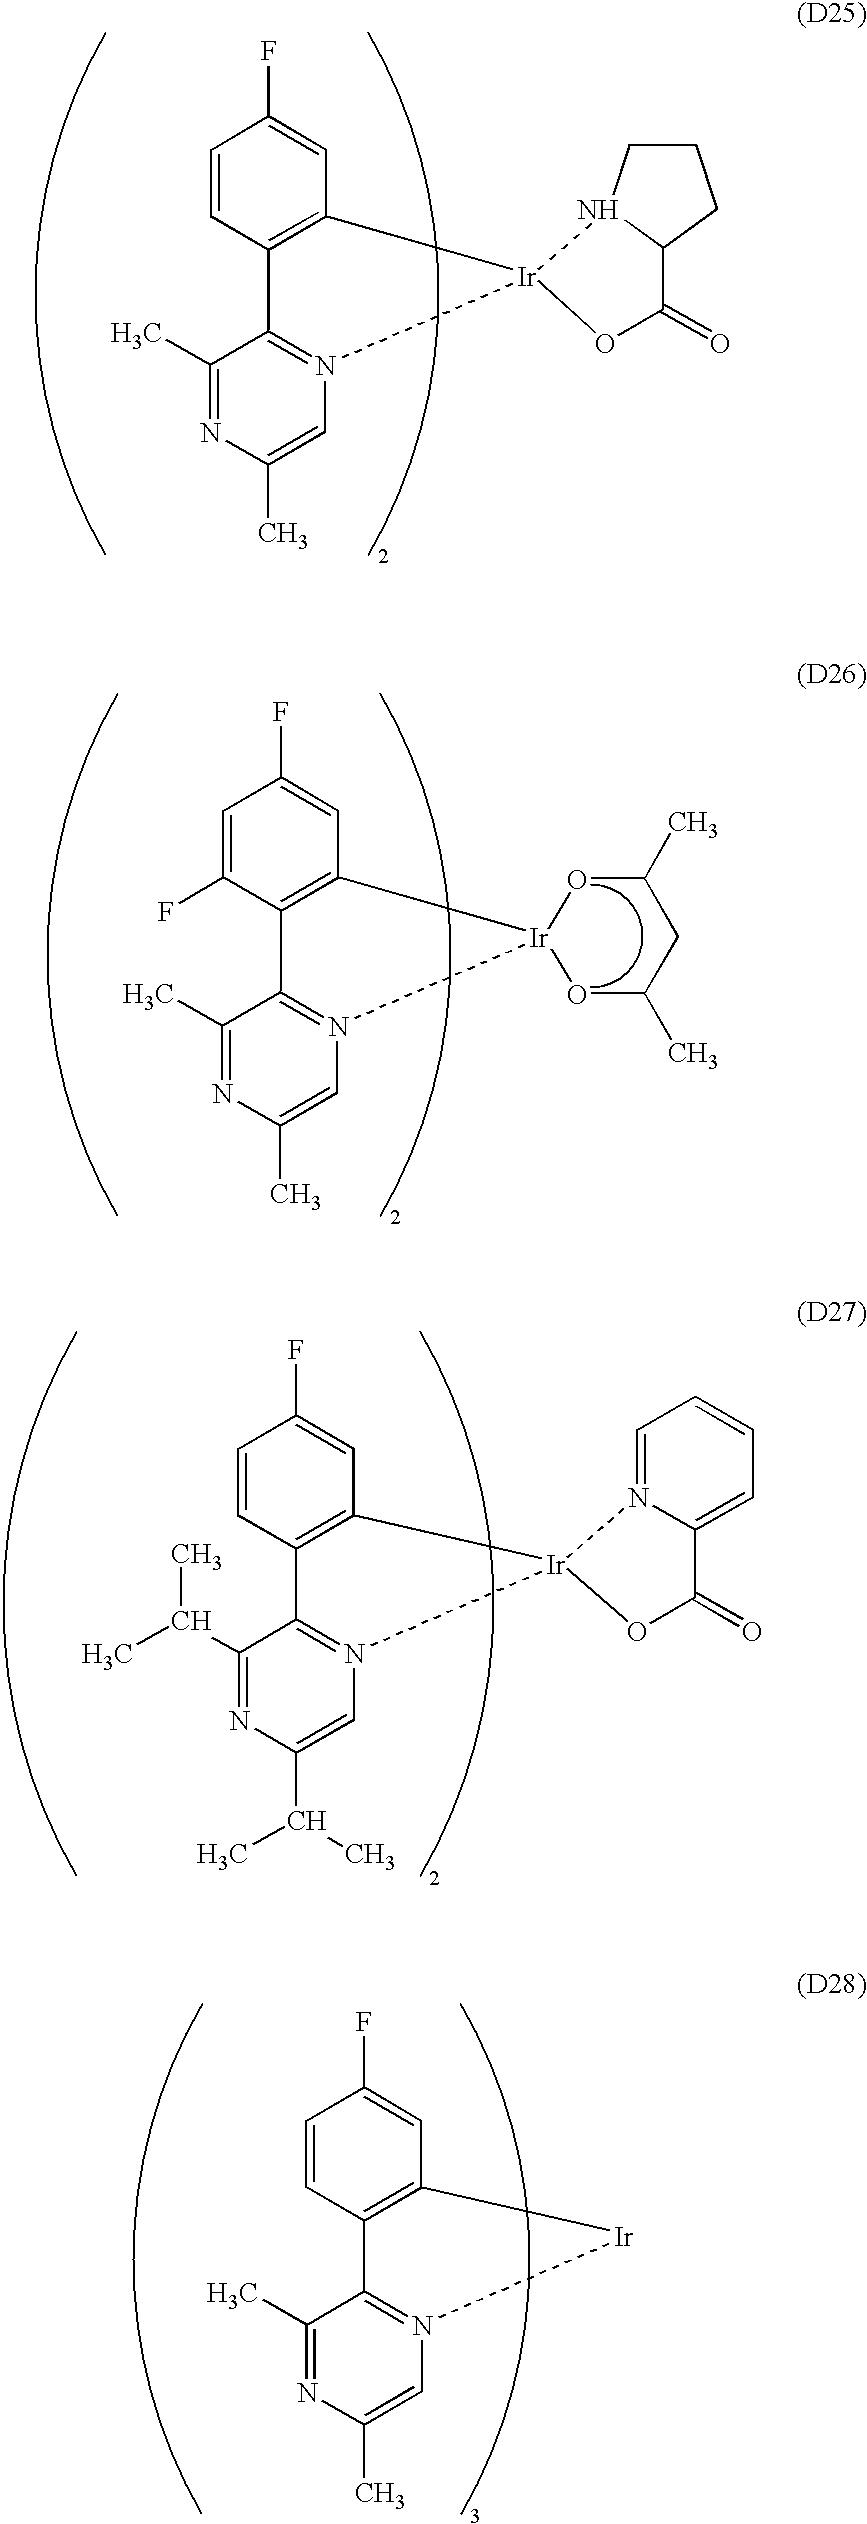 Figure US20100059741A1-20100311-C00013